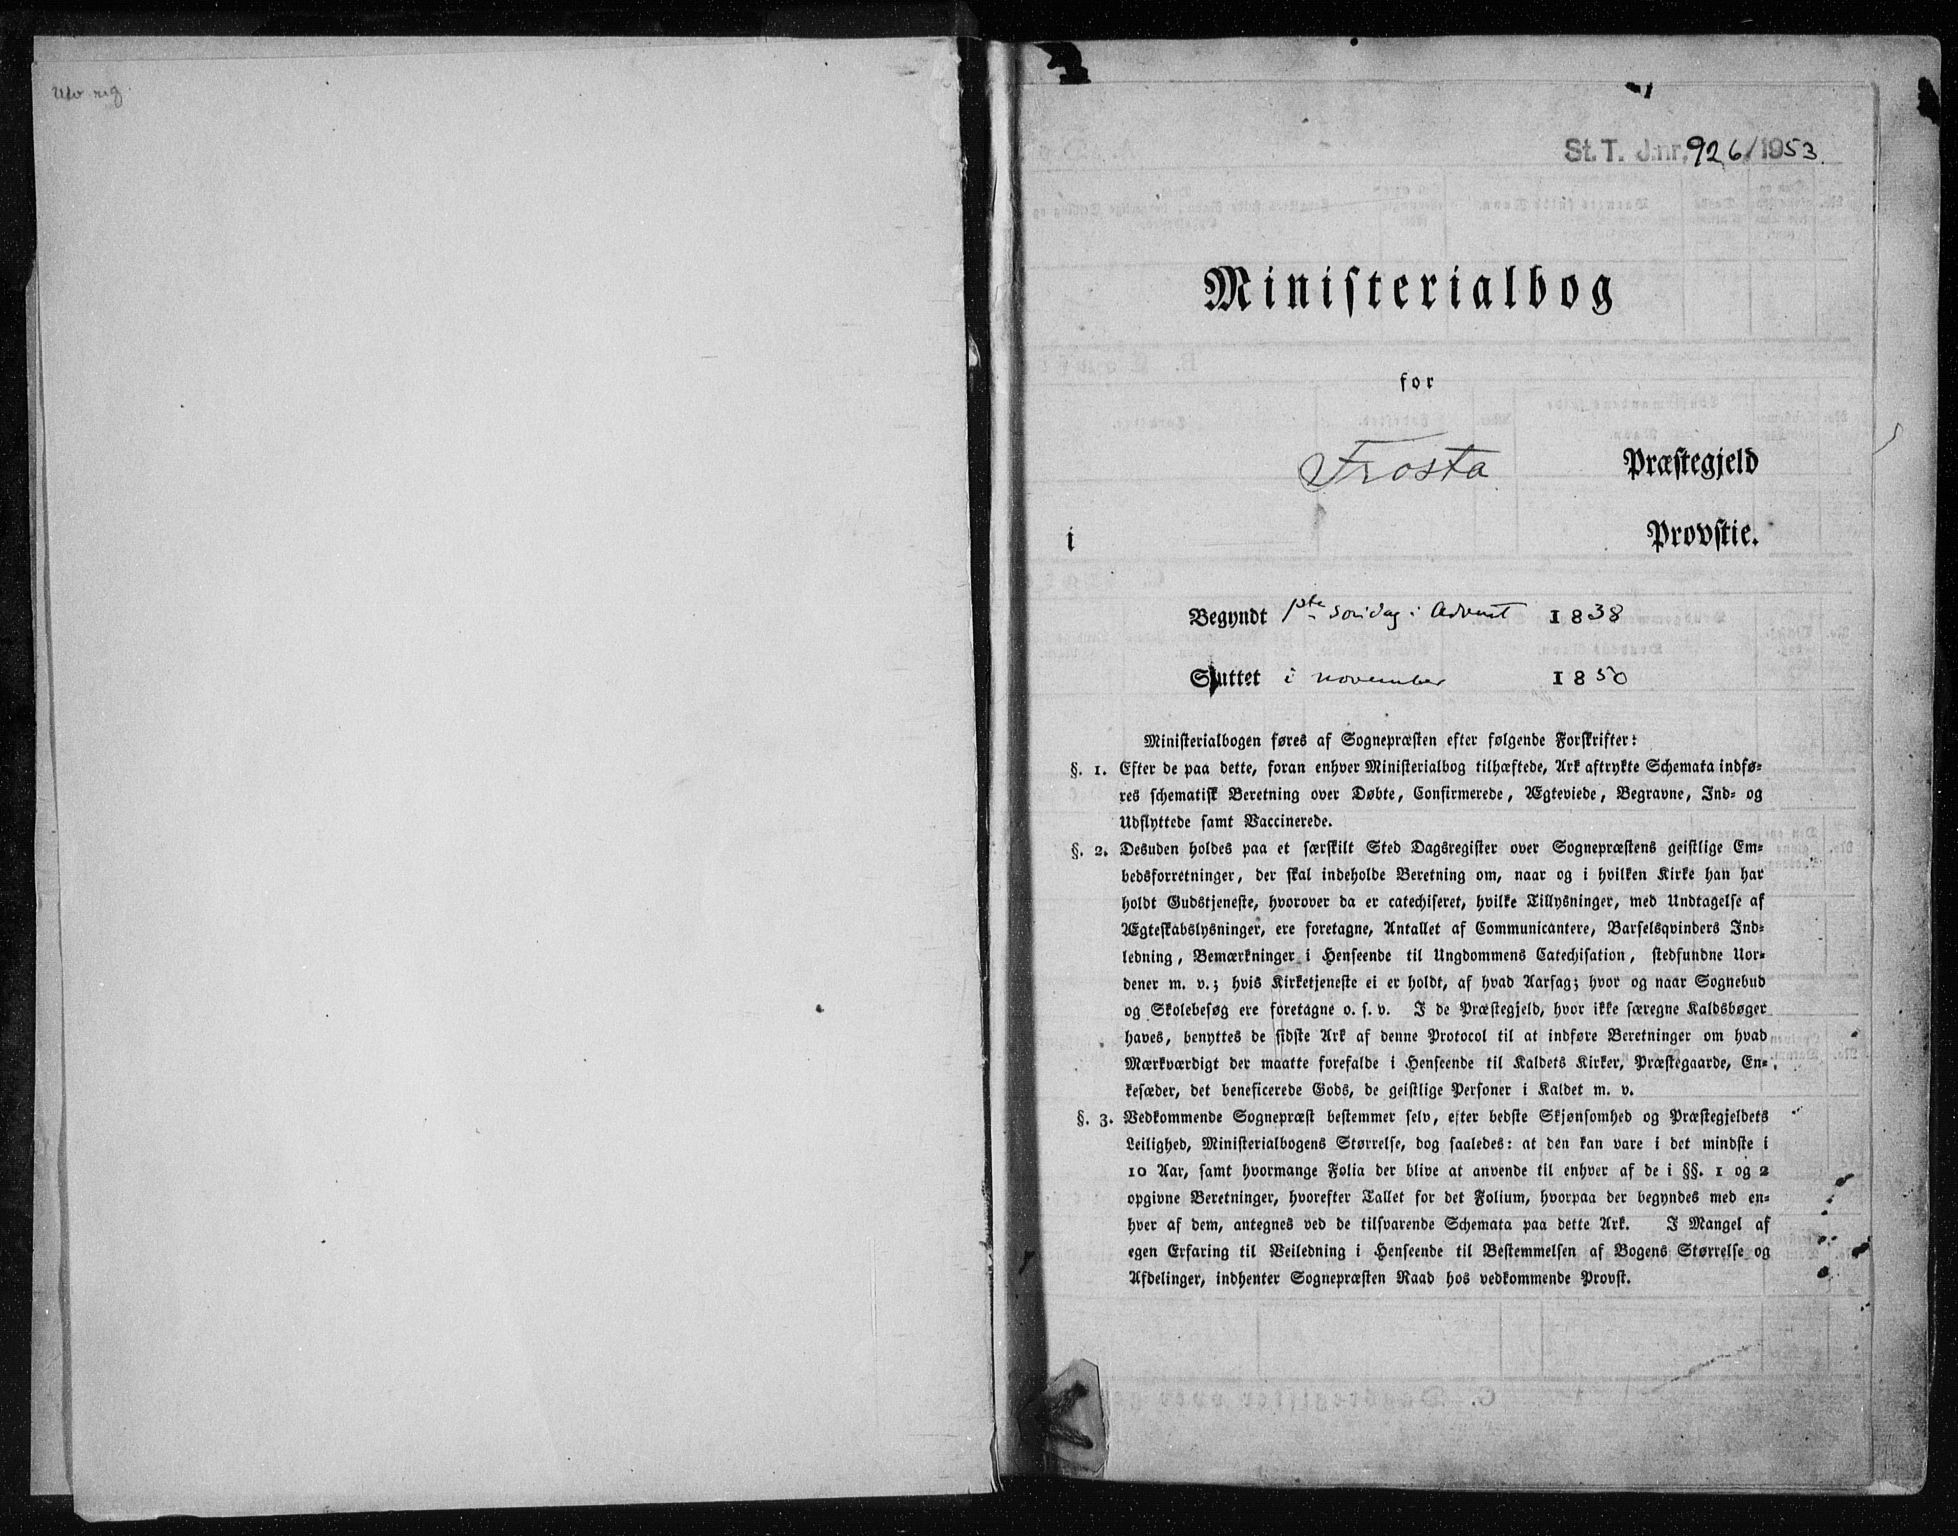 SAT, Ministerialprotokoller, klokkerbøker og fødselsregistre - Nord-Trøndelag, 713/L0115: Ministerialbok nr. 713A06, 1838-1851